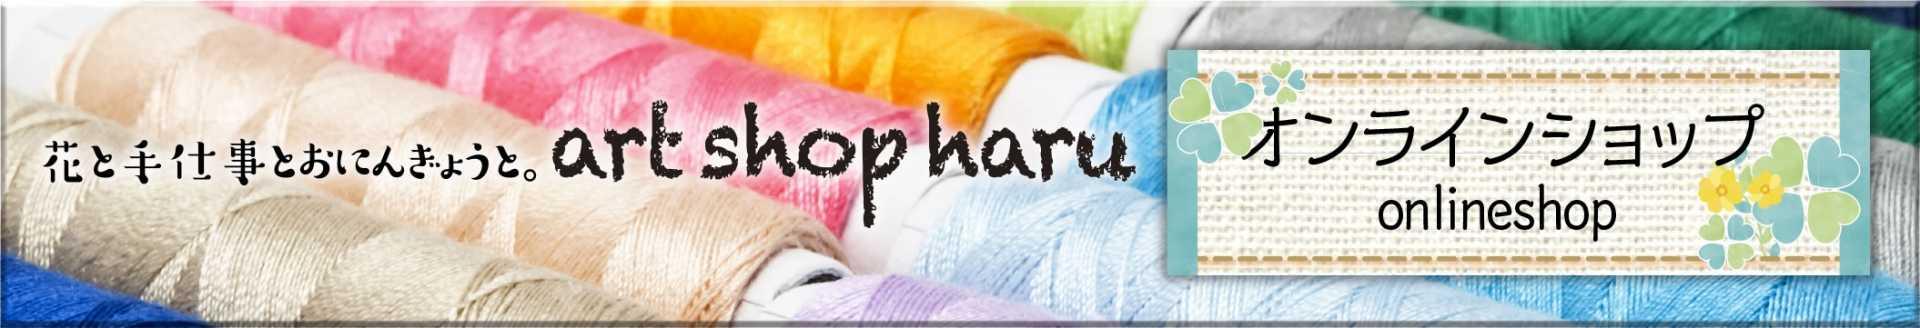 art shop haru オンラインショップ